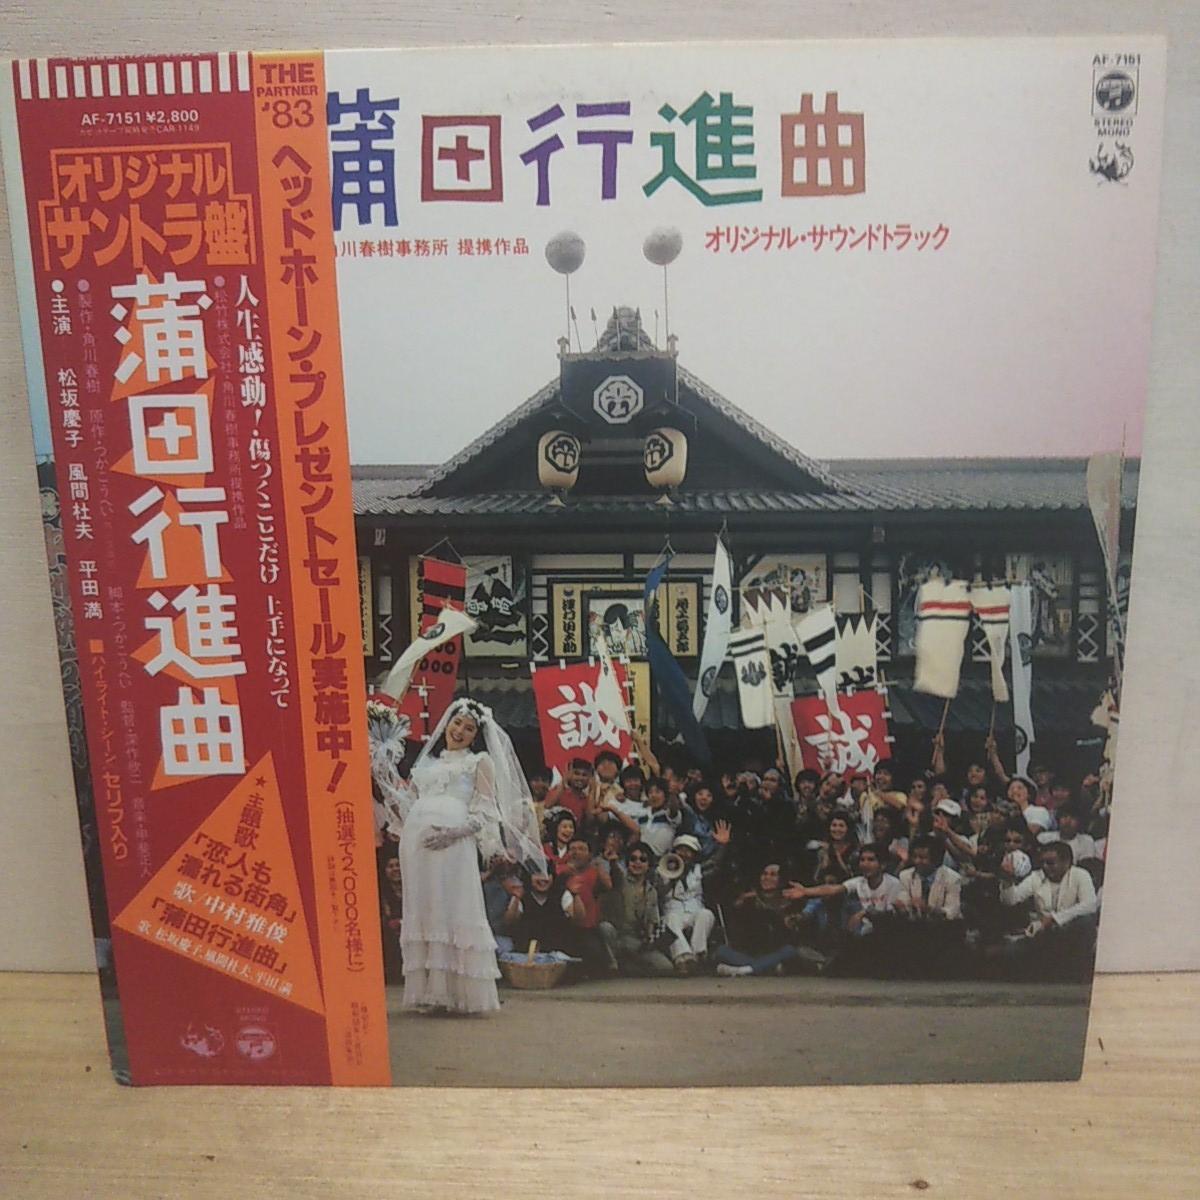 蒲田行進曲/オリジナル・サウンドトラック/松竹(株)・角川春樹事務所提携作品/Columbia/LPレコード